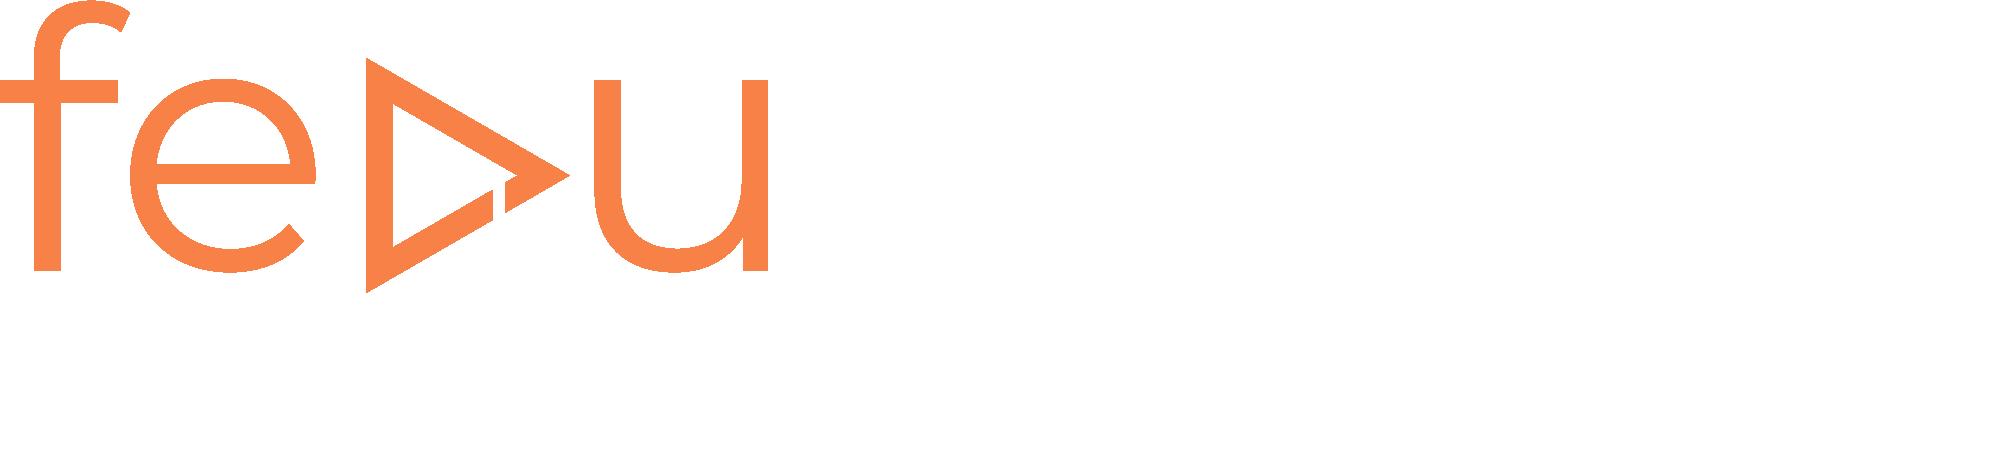 FeduDesignW-01